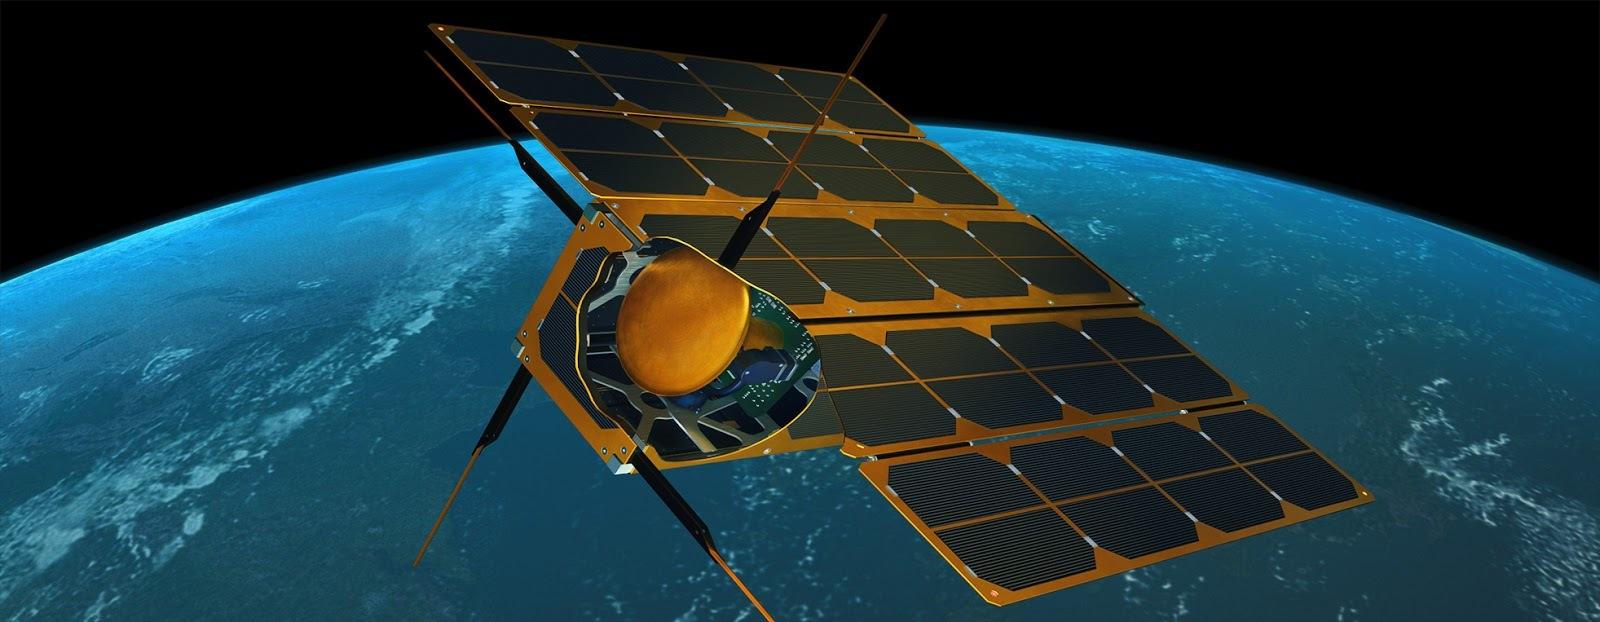 НАСА опубликовало официальную финальную версию своего доклада об испытаниях «невозможного» двигателя EmDrive - 3